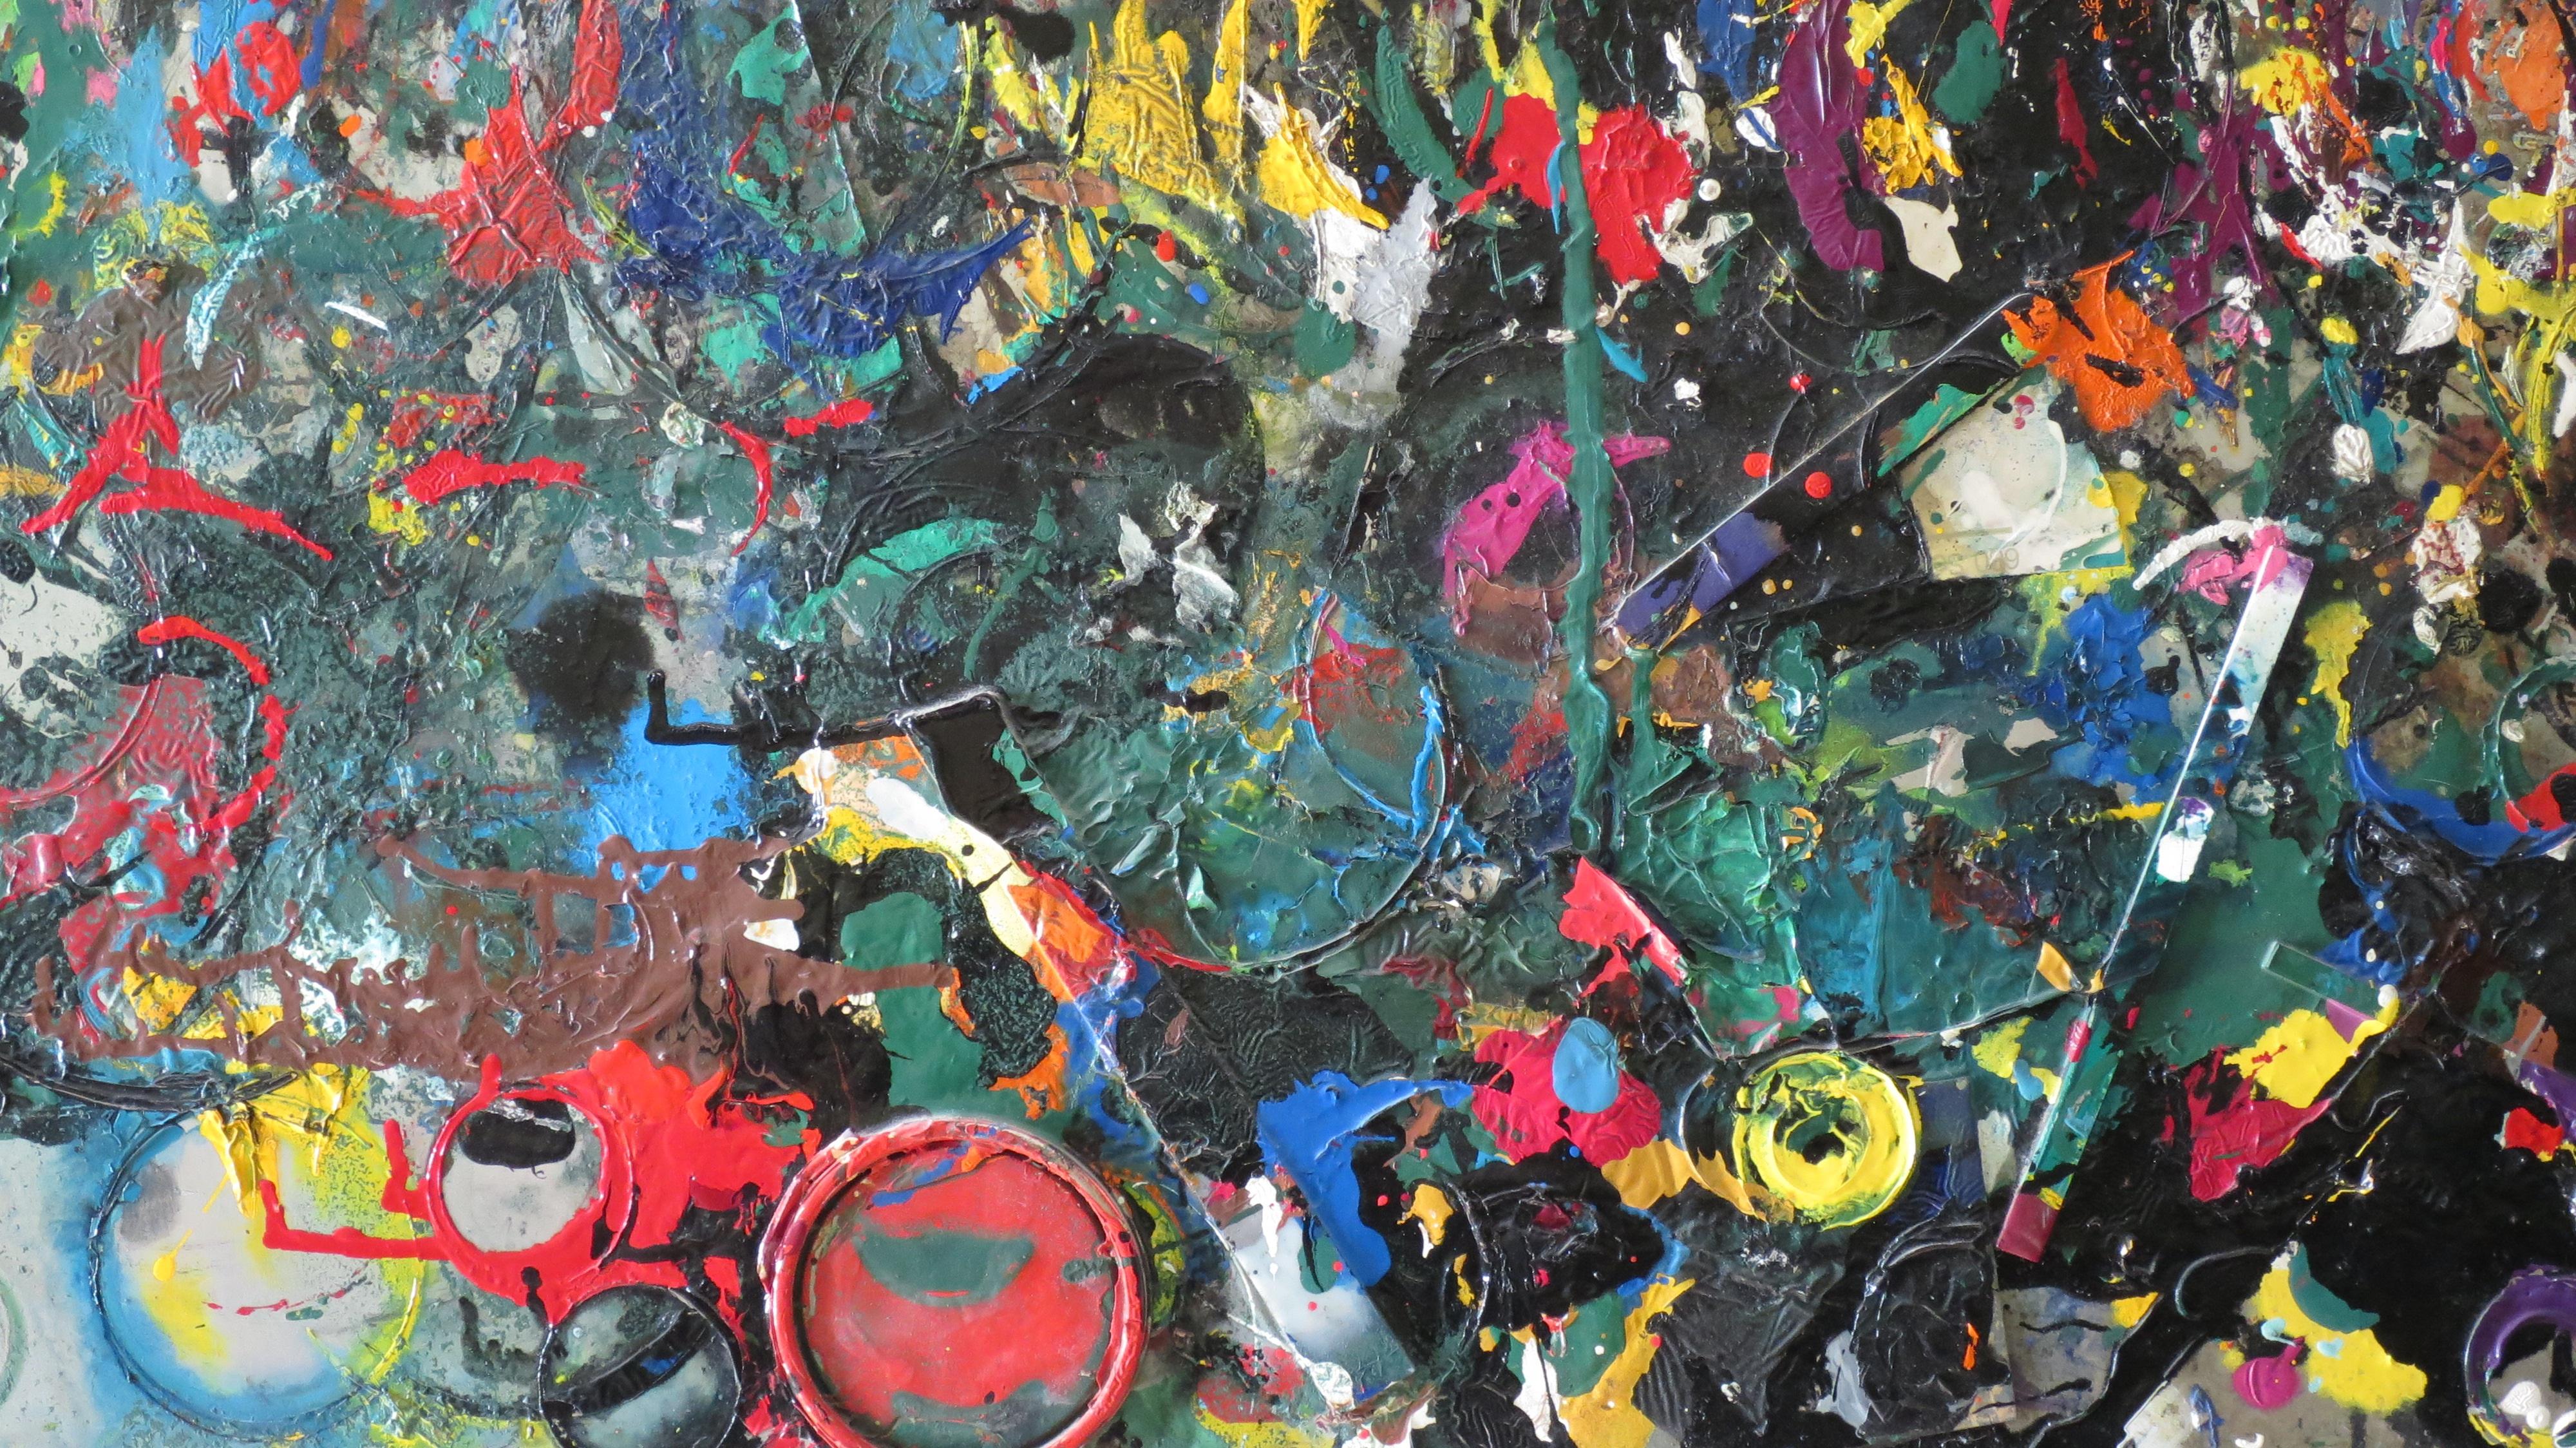 farve maleri kunst collage psykedelisk kunst barnet kunst df0c9872aa2ae